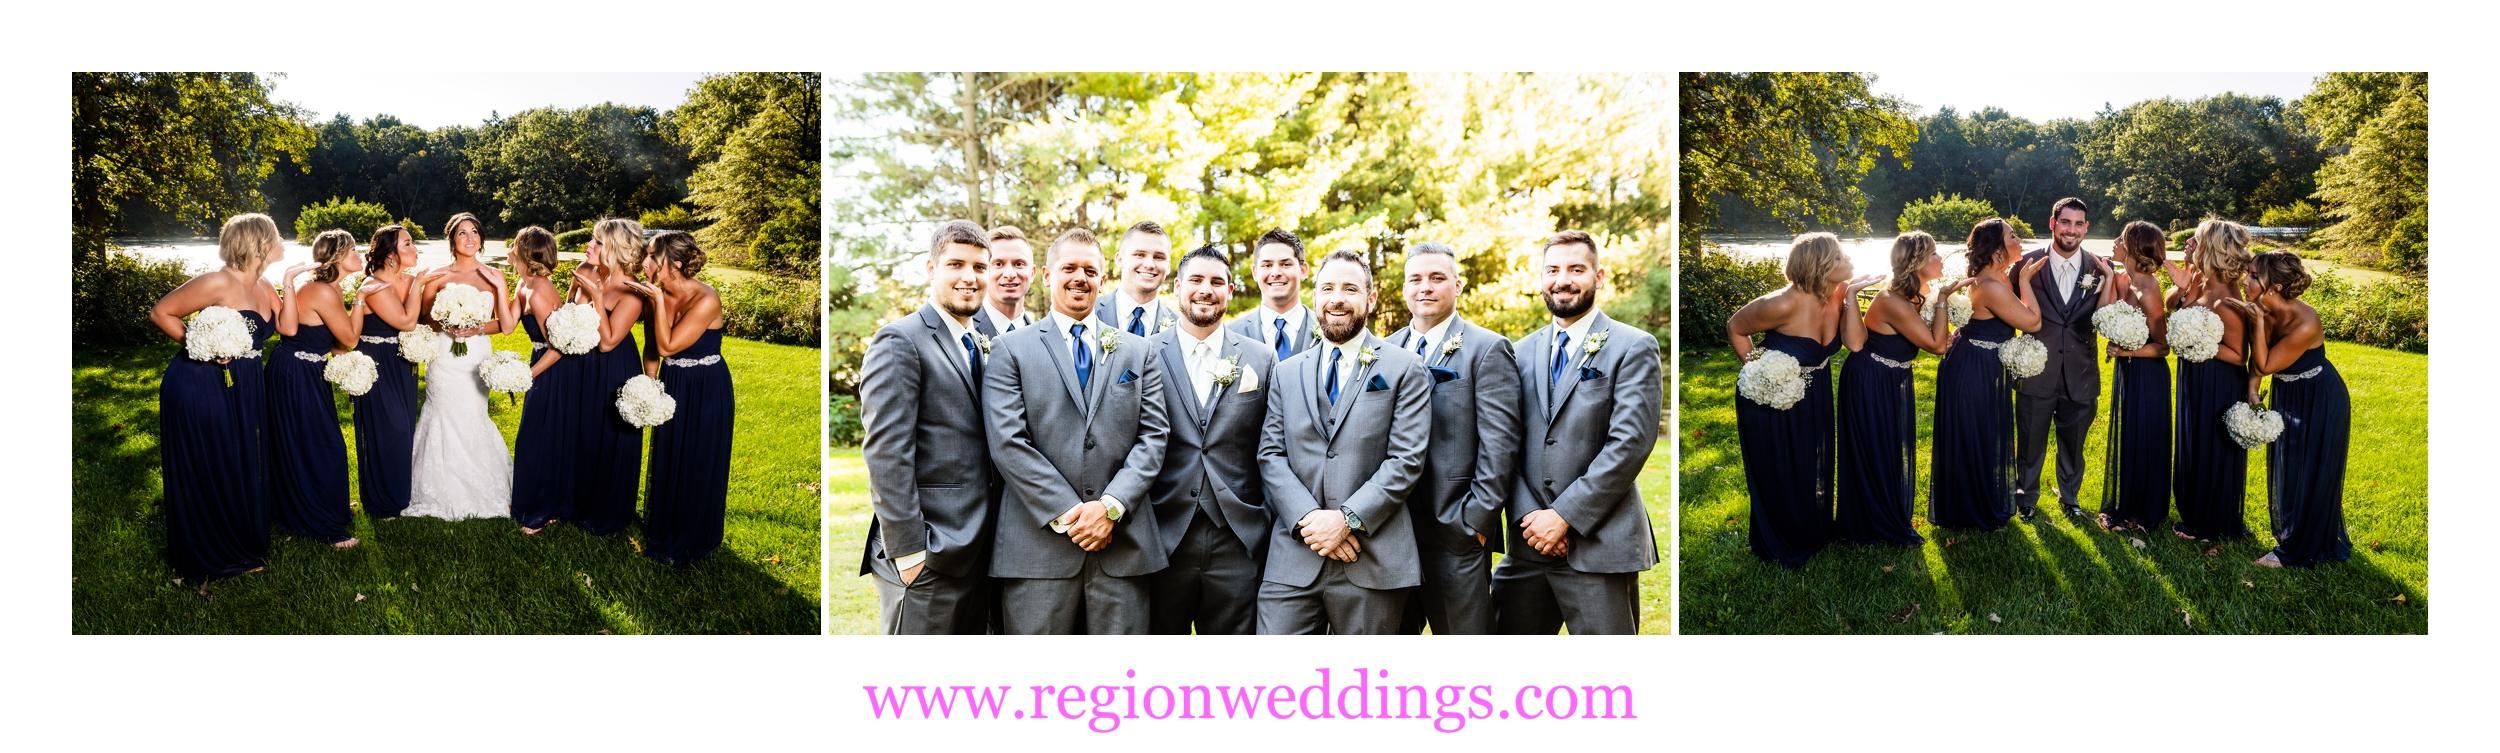 wedding-party-Taltree-Arboretum.jpg